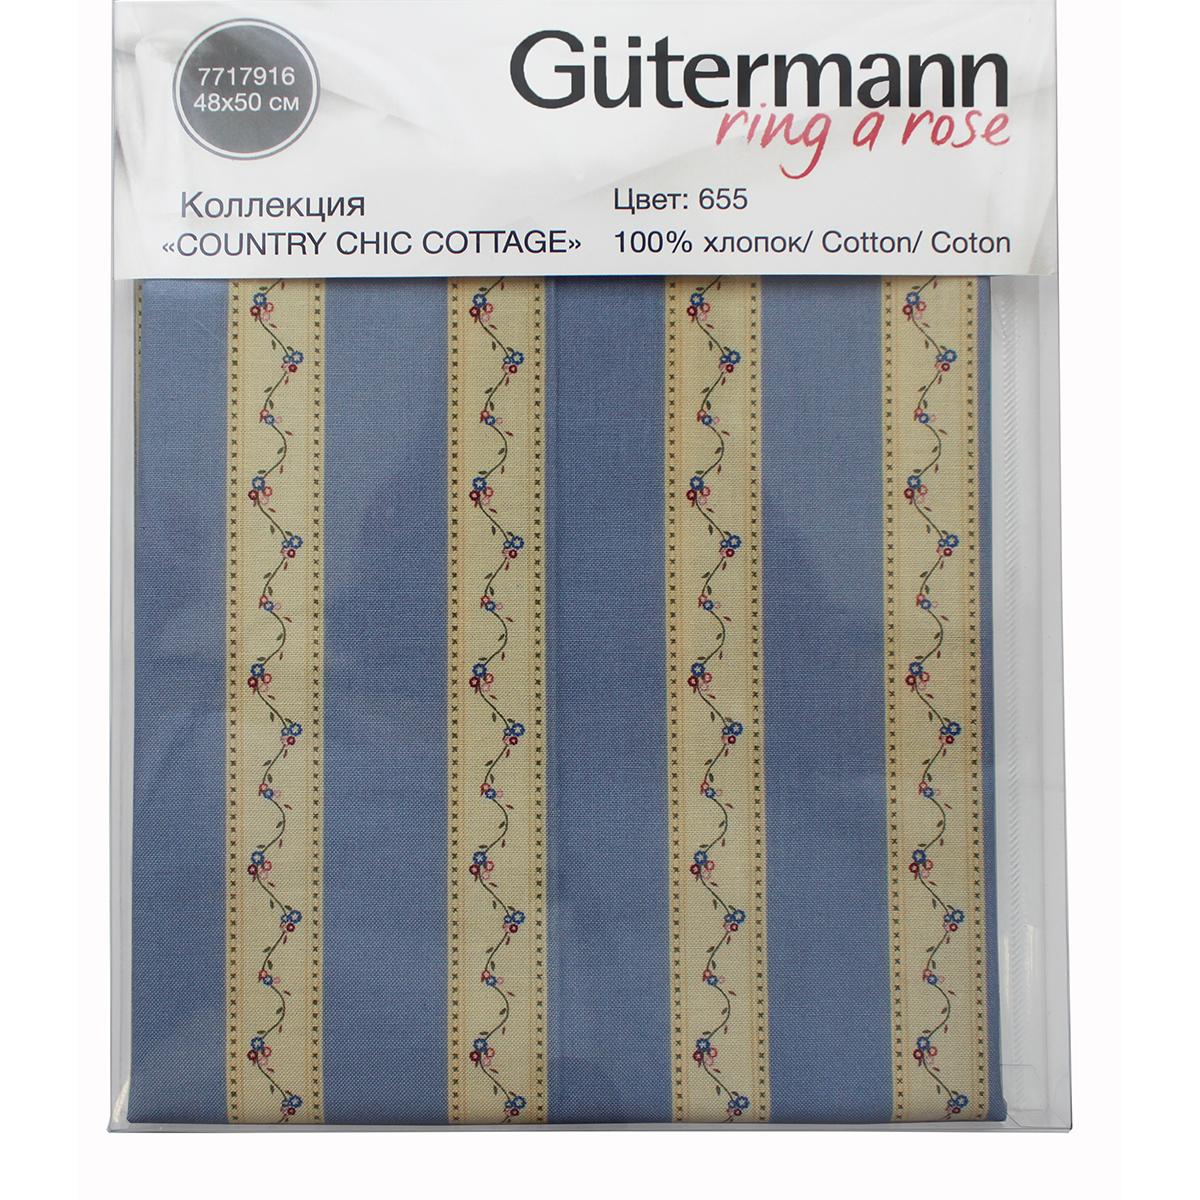 Ткань Gutermann Country Chic Cottage, 48 х 50 см. 649309_655C0042416Хлопковая ткань от Gutermann (Гутерманн) выполнена из 100% натурального материала, идеально подойдет для шитья одежды, постельного белья, декорирования. Ткань не линяет, не осыпается по краям и не дает усадки.